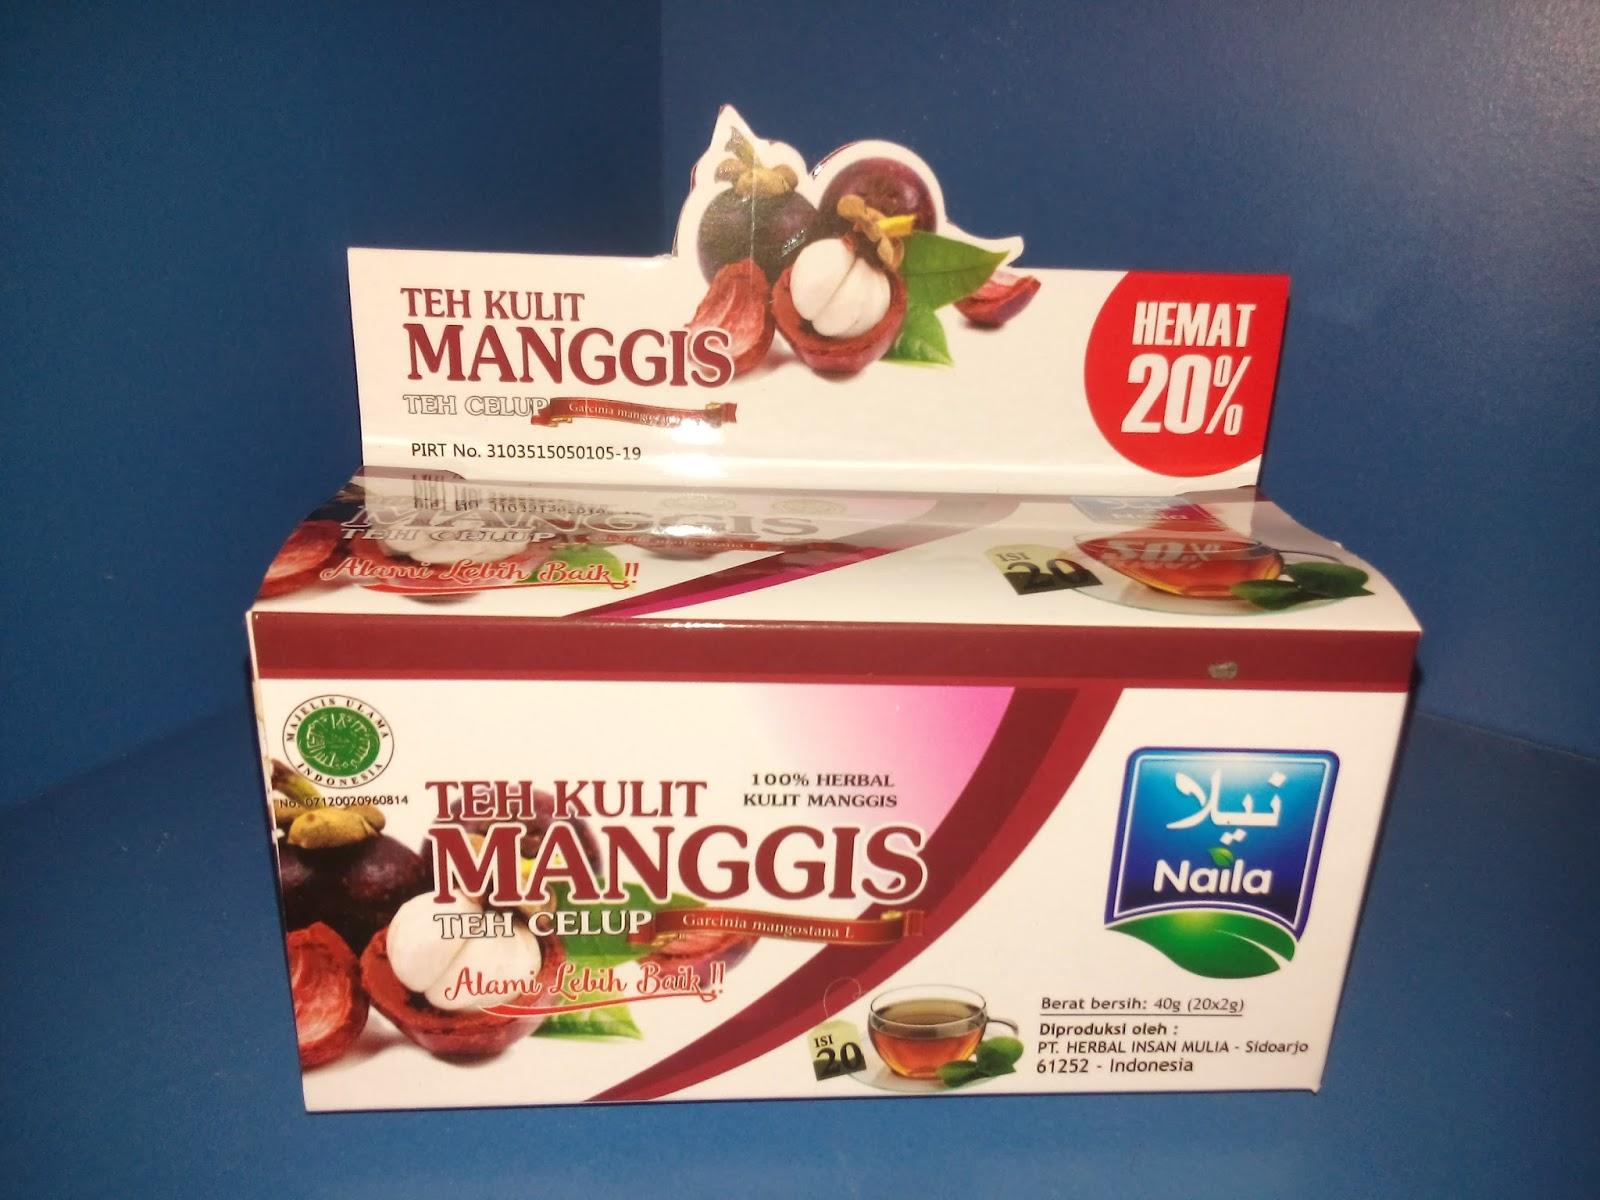 Herbal Bunga Rosella Kulit Manggis Daun Sirsak Drboyke Teh Kemasan 1 Box 25 Celup Dan Rp 22000 Kotak 20 Sachet